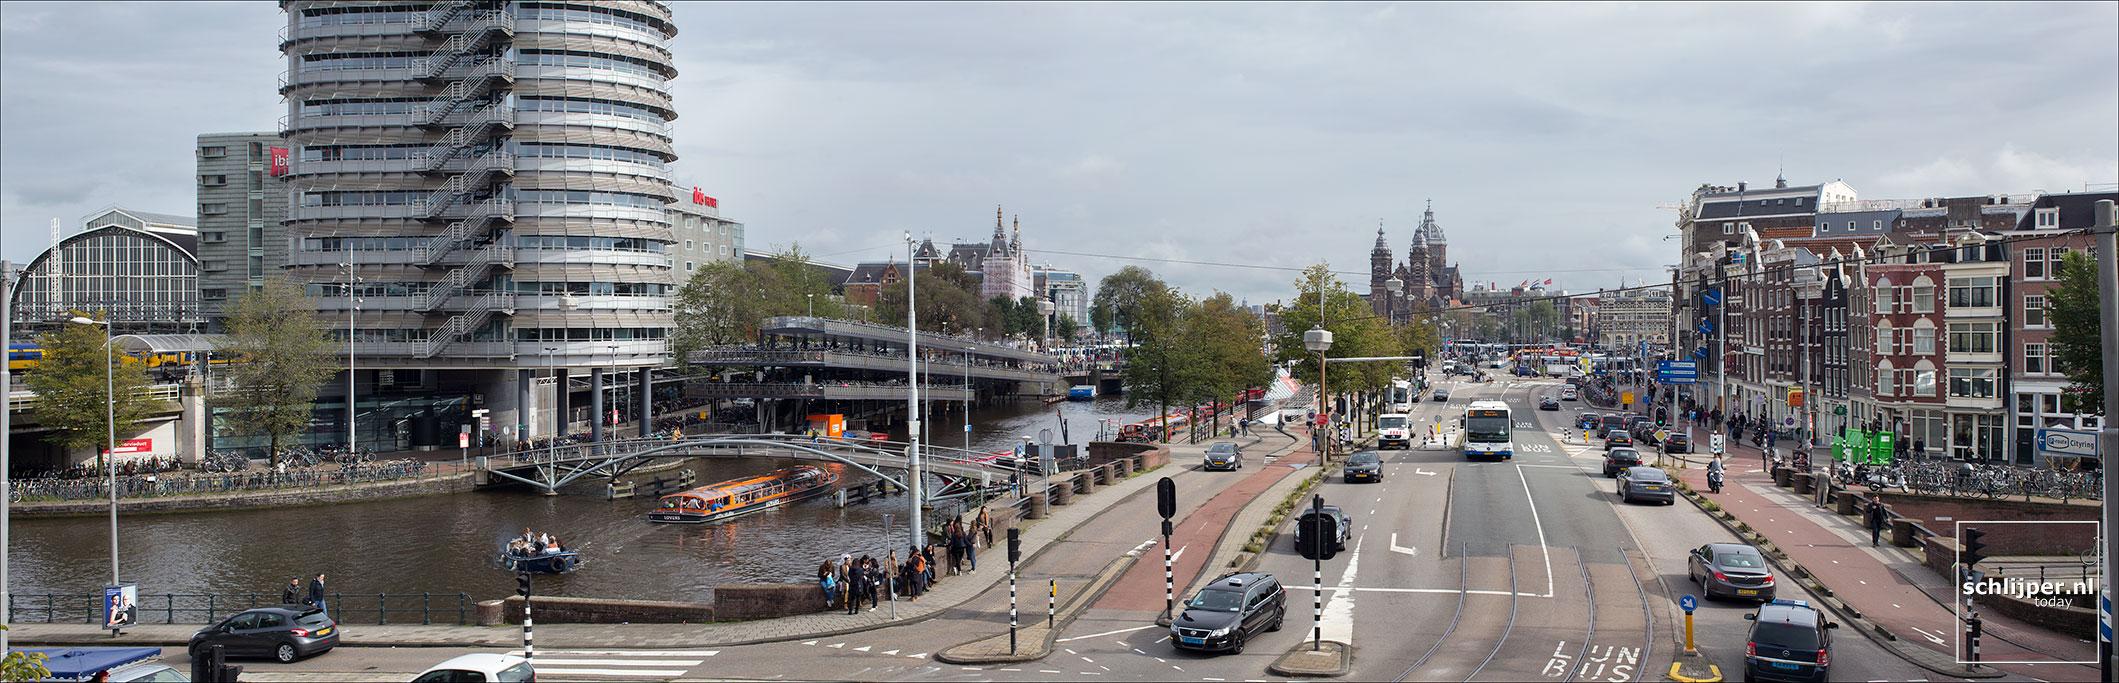 Nederland, Amsterdam, 16 september 2017